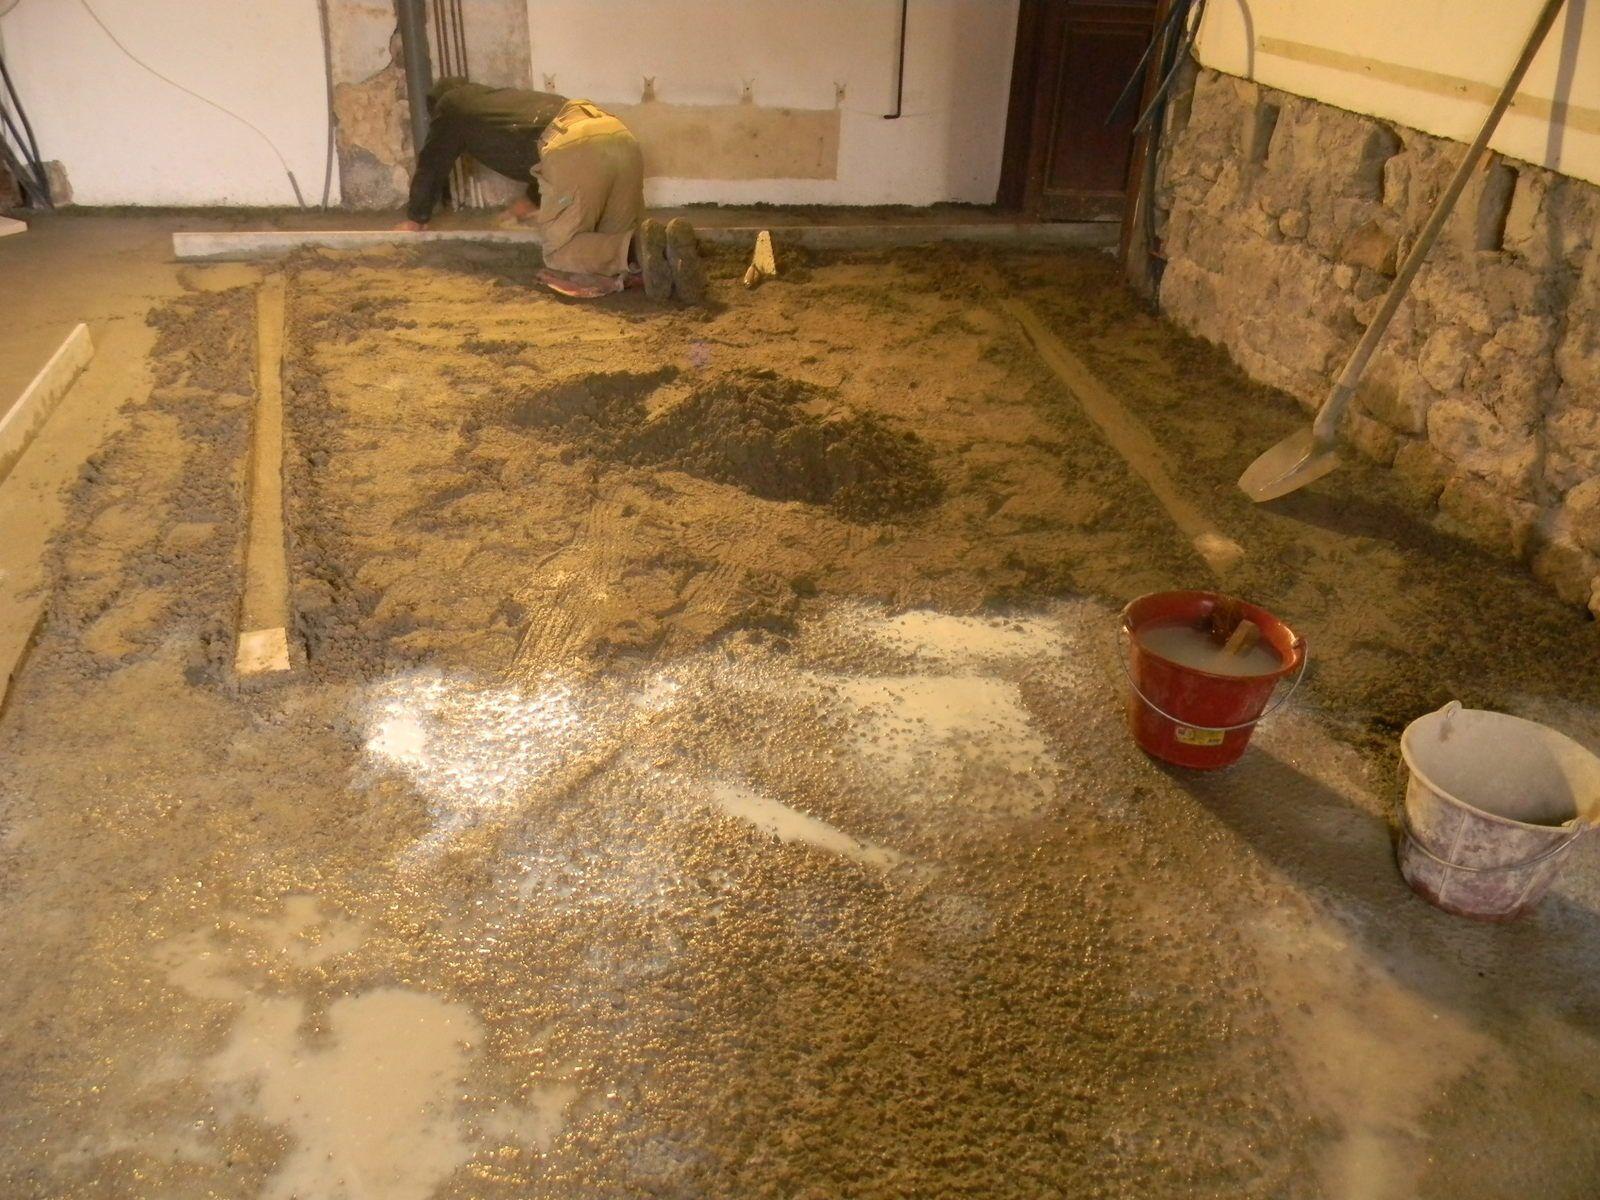 Après la dalle en béton grossier, une chape finale au mortier, talochée a été réalisée, elle est prête à recevoir les pierres qui seront posées en toute fin de chantier. Au total, en 3 jours la grande salle de Castrevieille a englouti 11 m3 de béton et mortier.